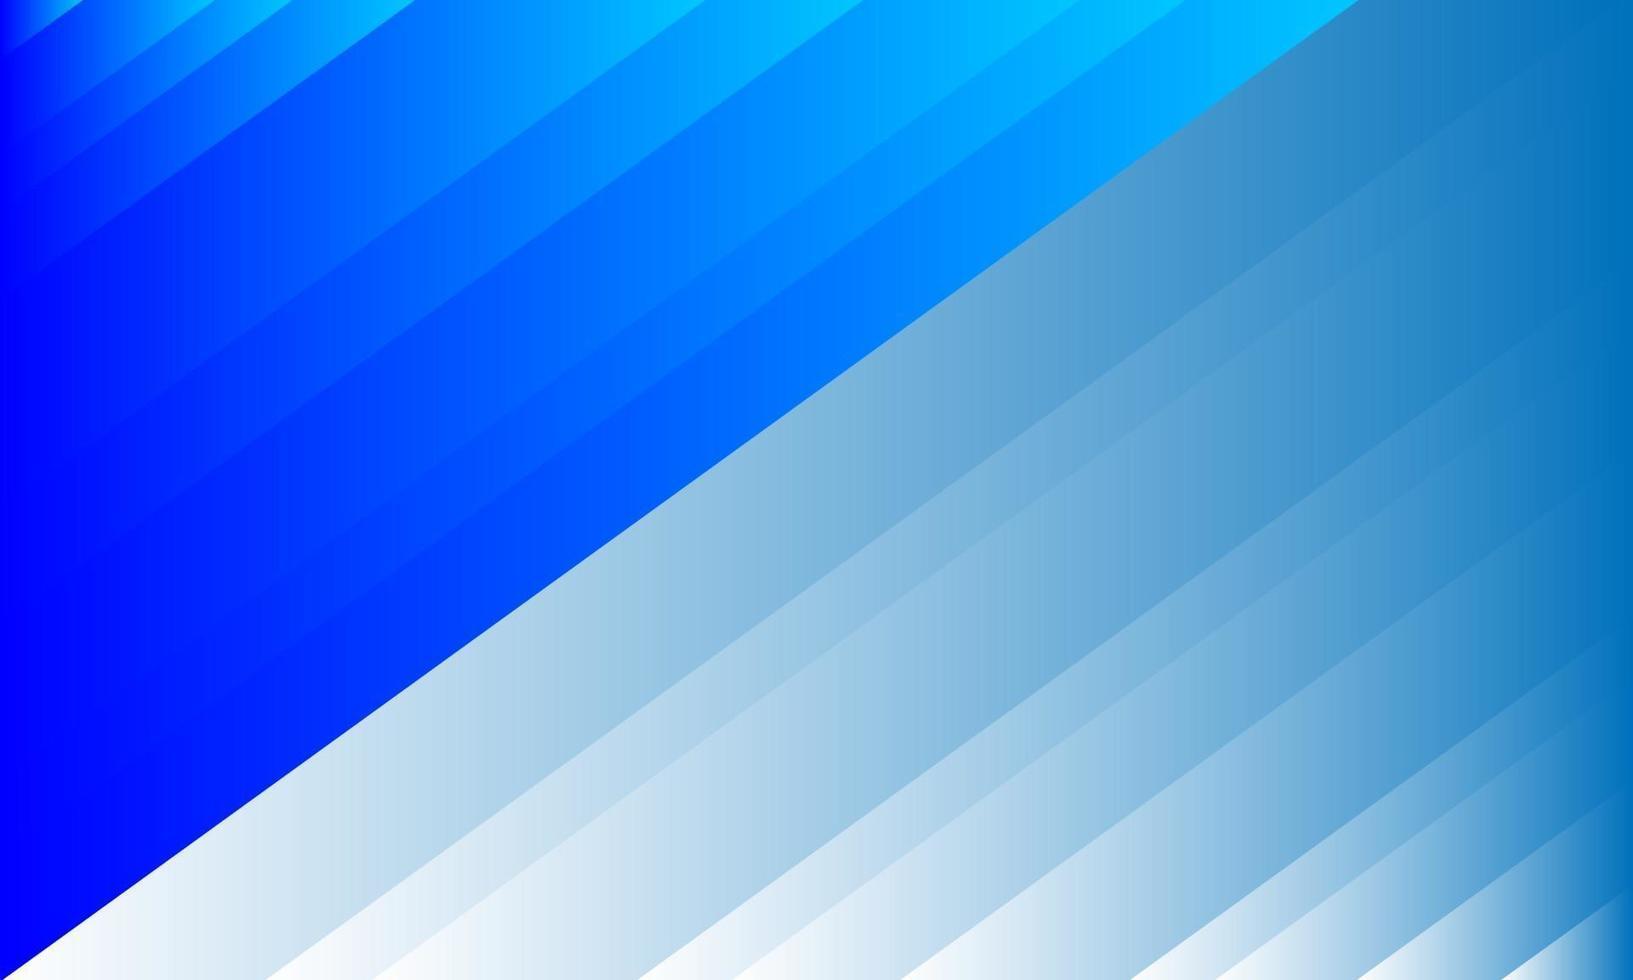 fond abstrait bande bleue diagonale colorée vecteur